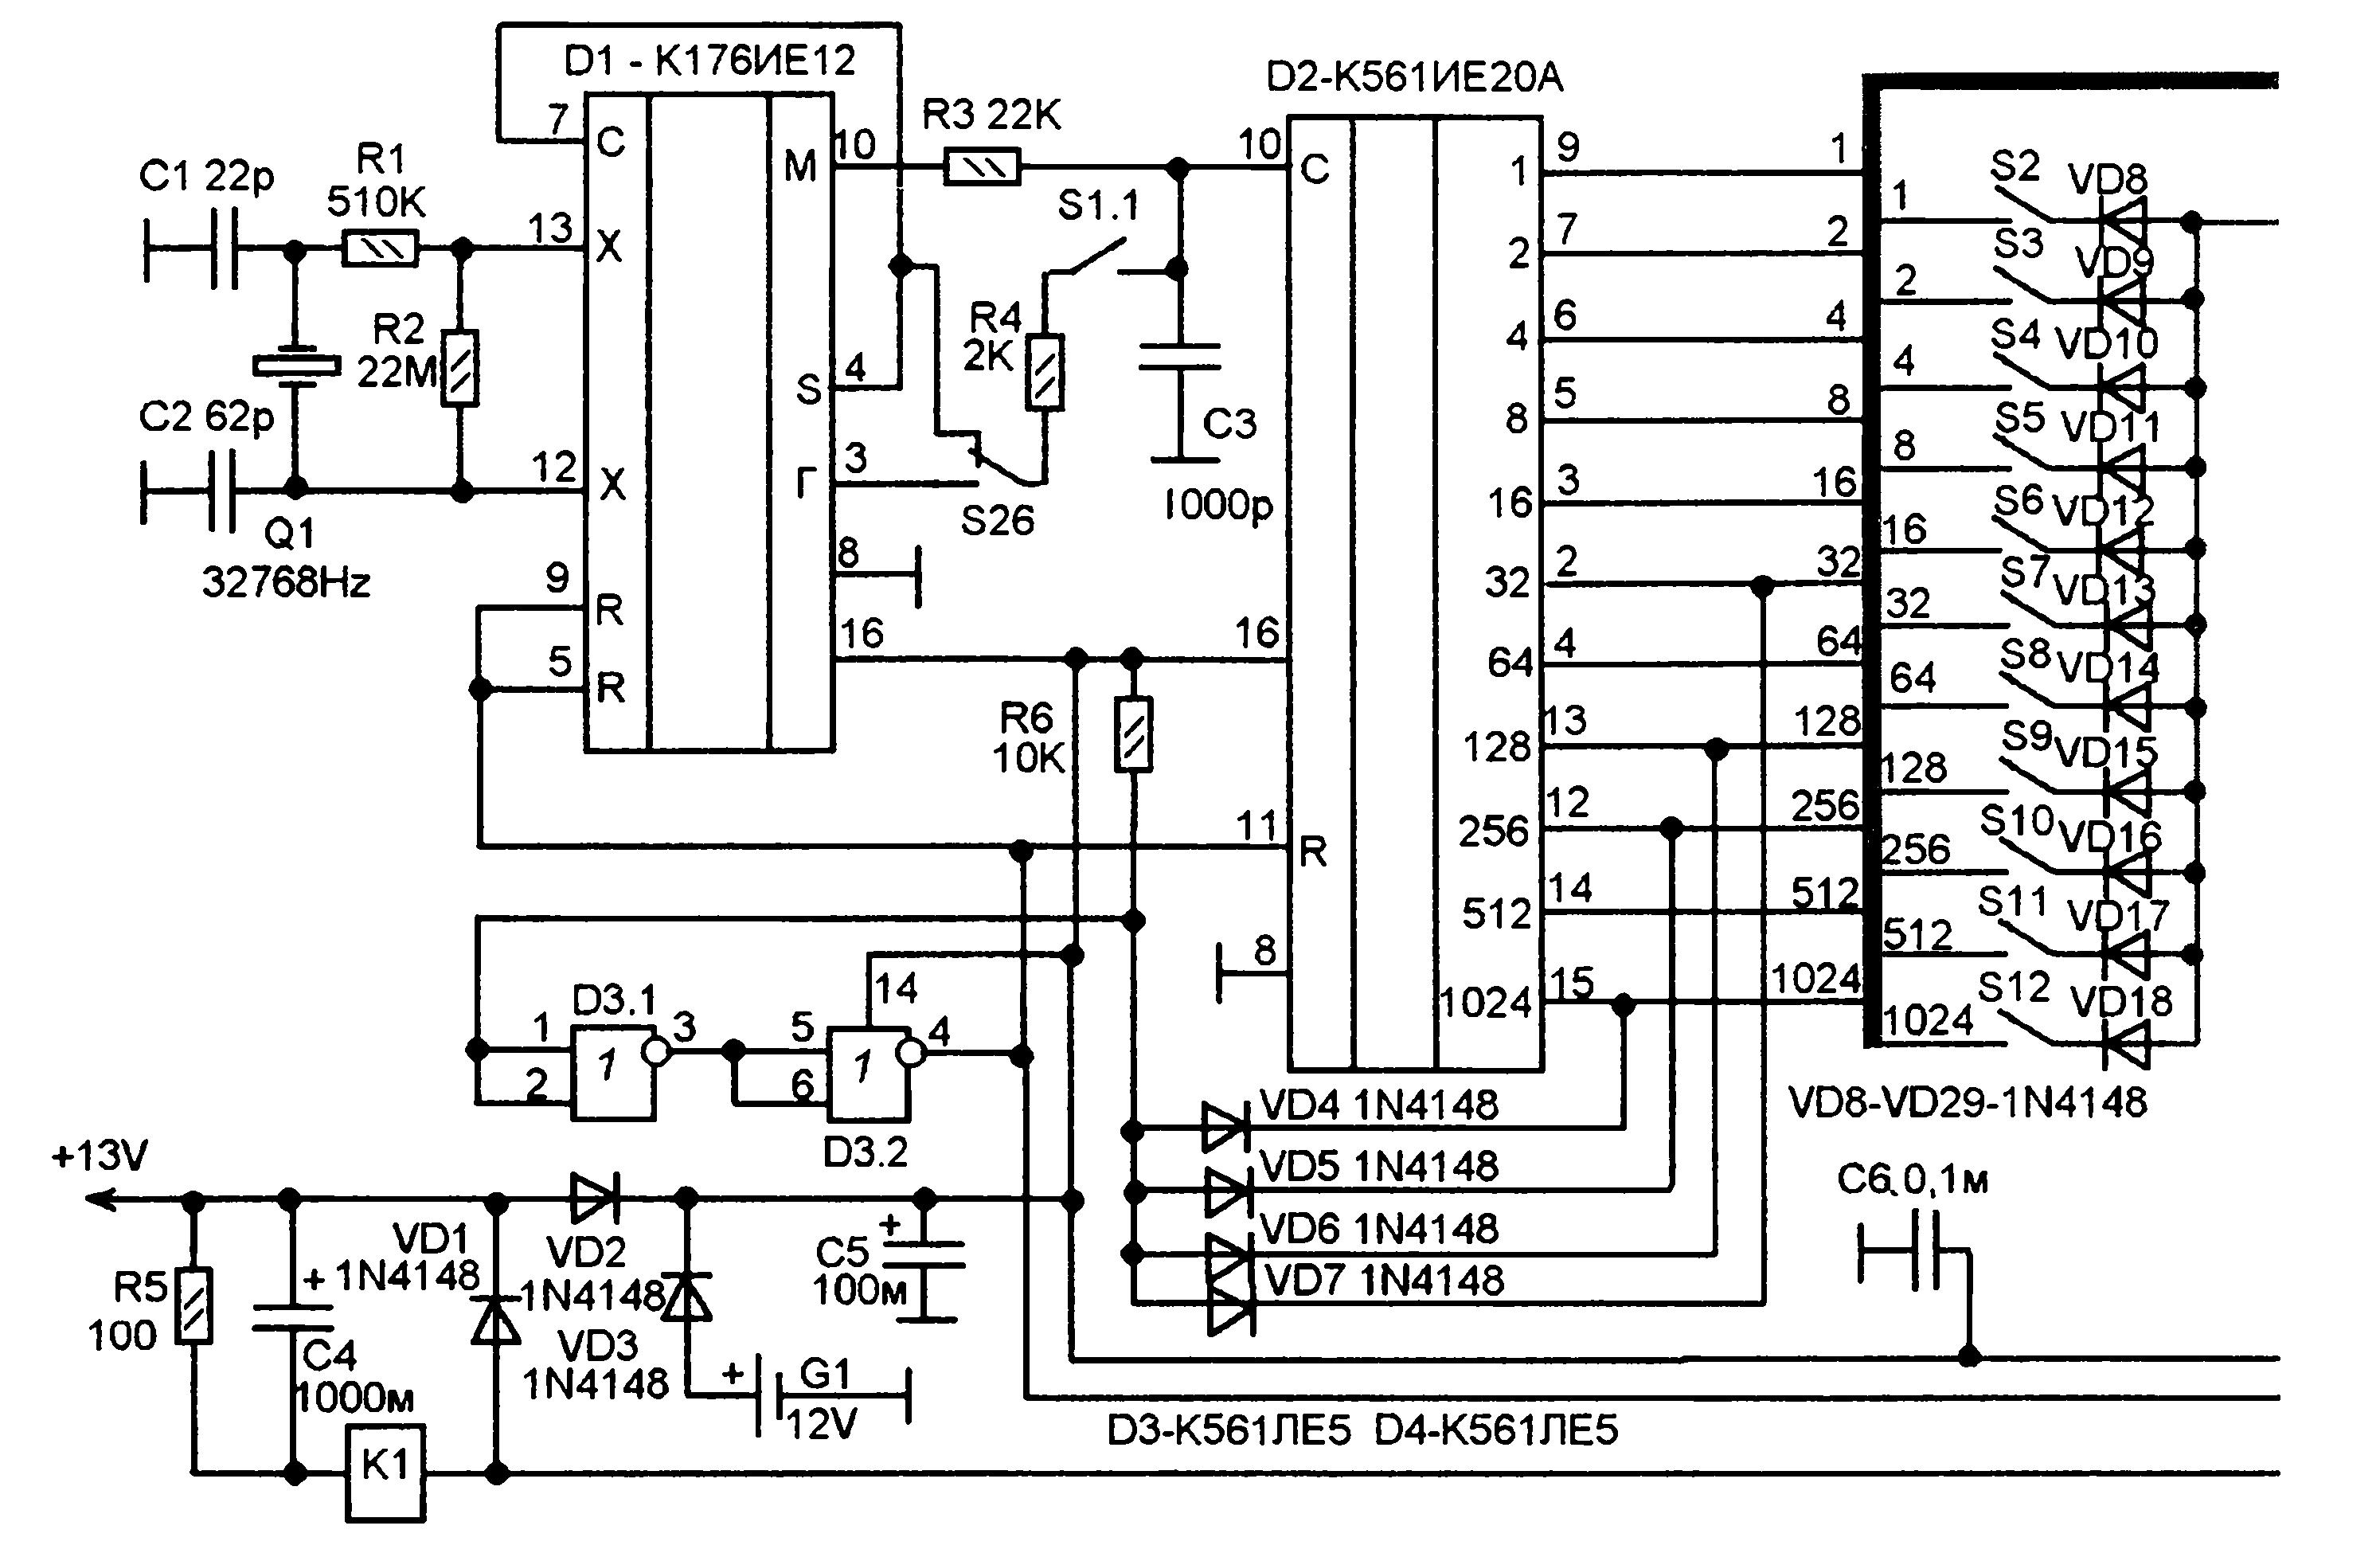 реле времени 176ие12 схема